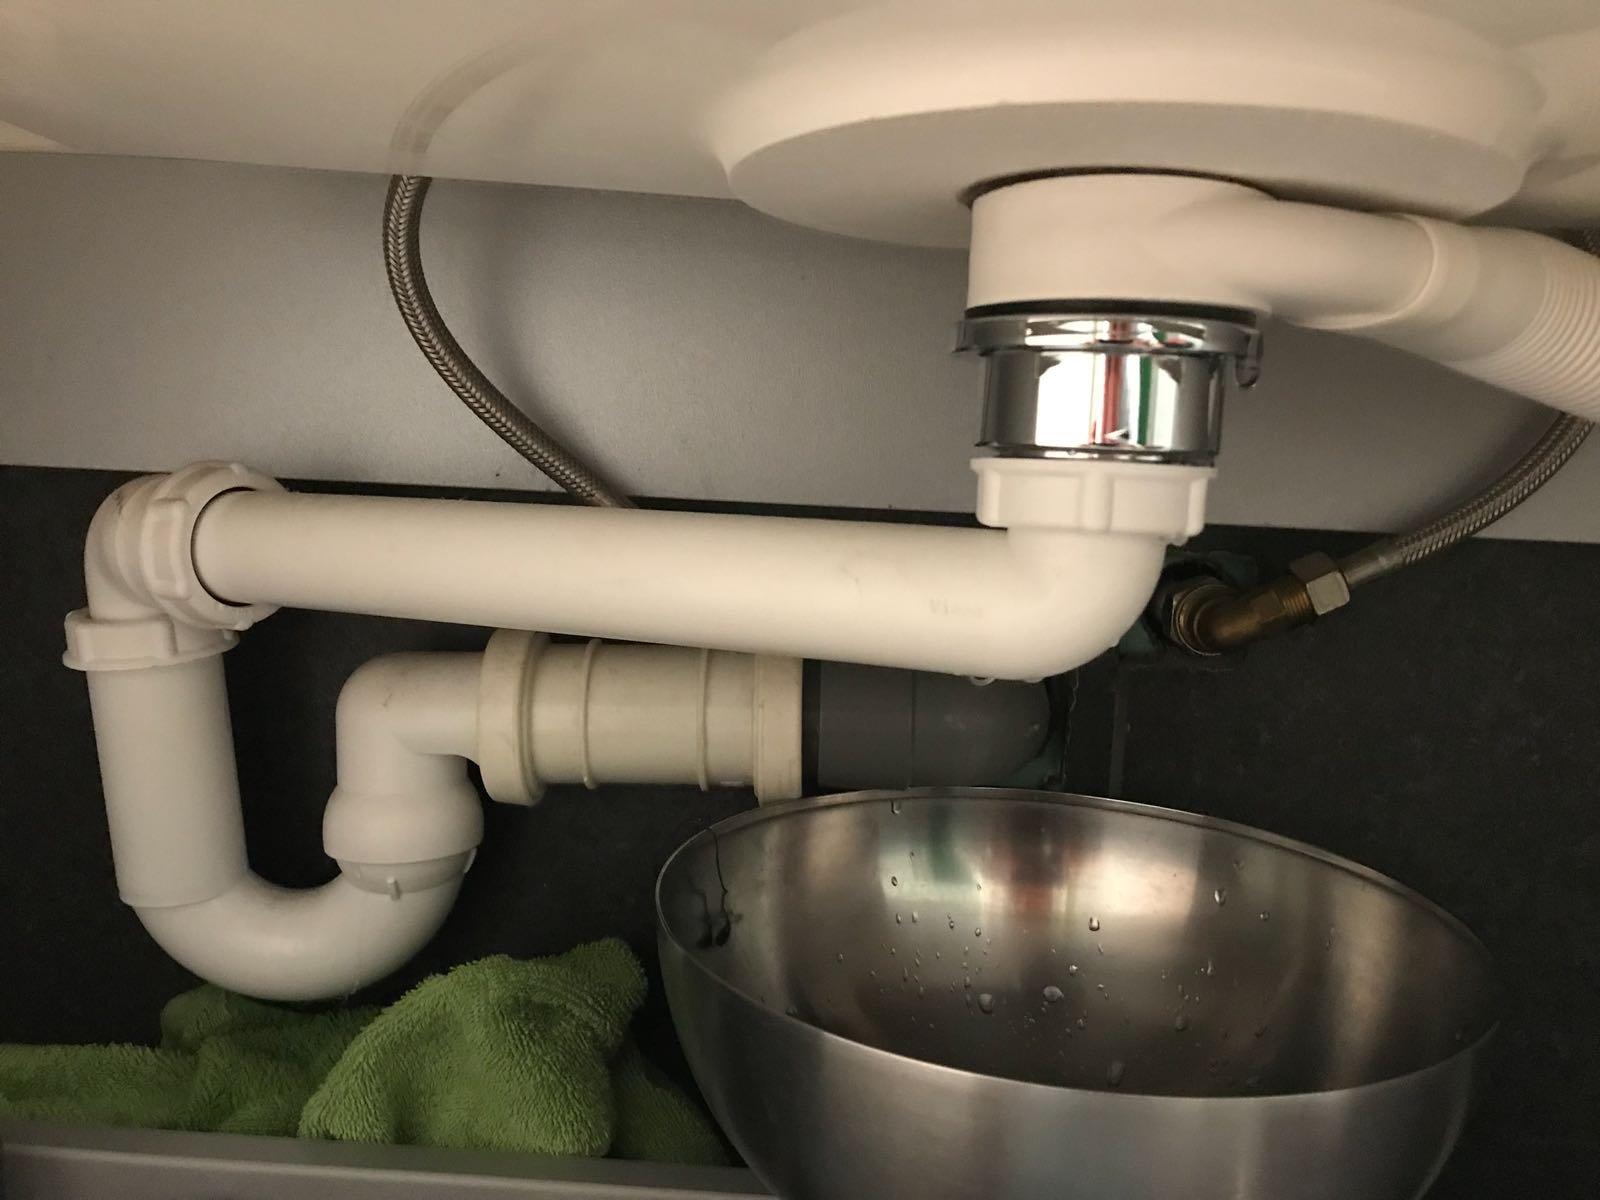 Afvoer Wasbak Badkamer : Afvoer wastafel in badkamer vervangen klikwaste afvoerplug